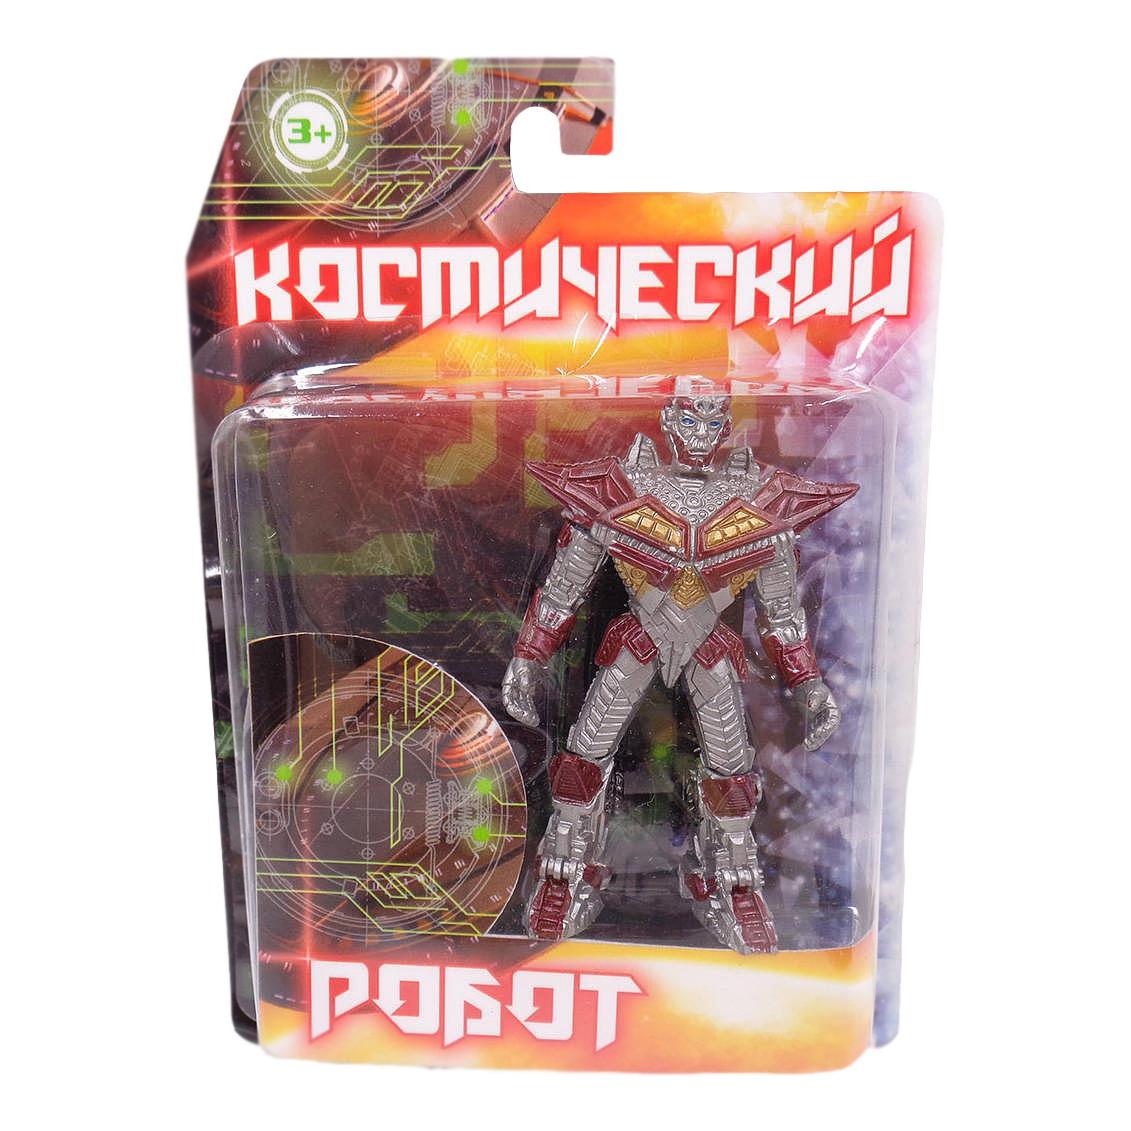 Робот космический, трансформерИгрушки трансформеры<br>Робот космический, трансформер<br>